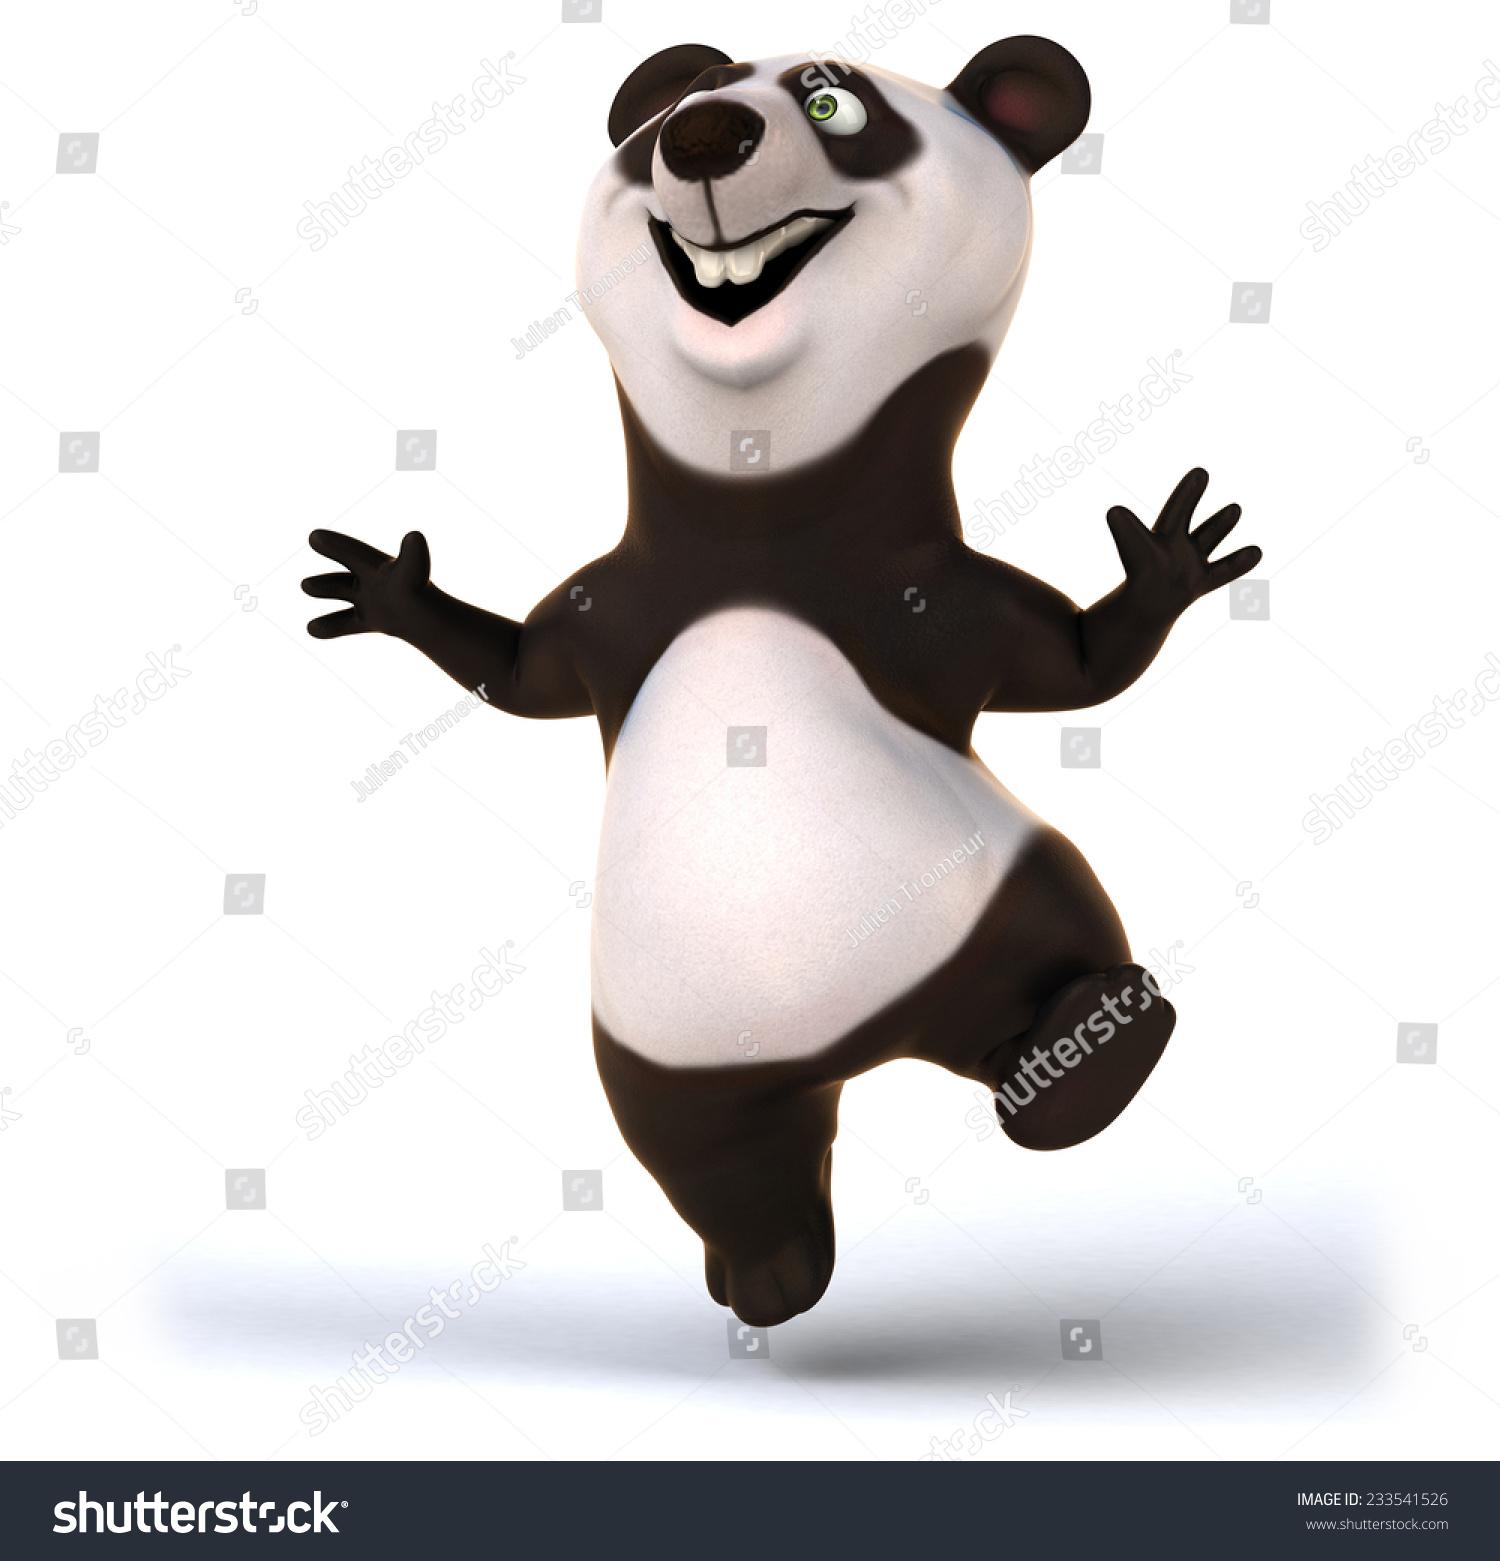 有趣的熊猫-动物/野生生物